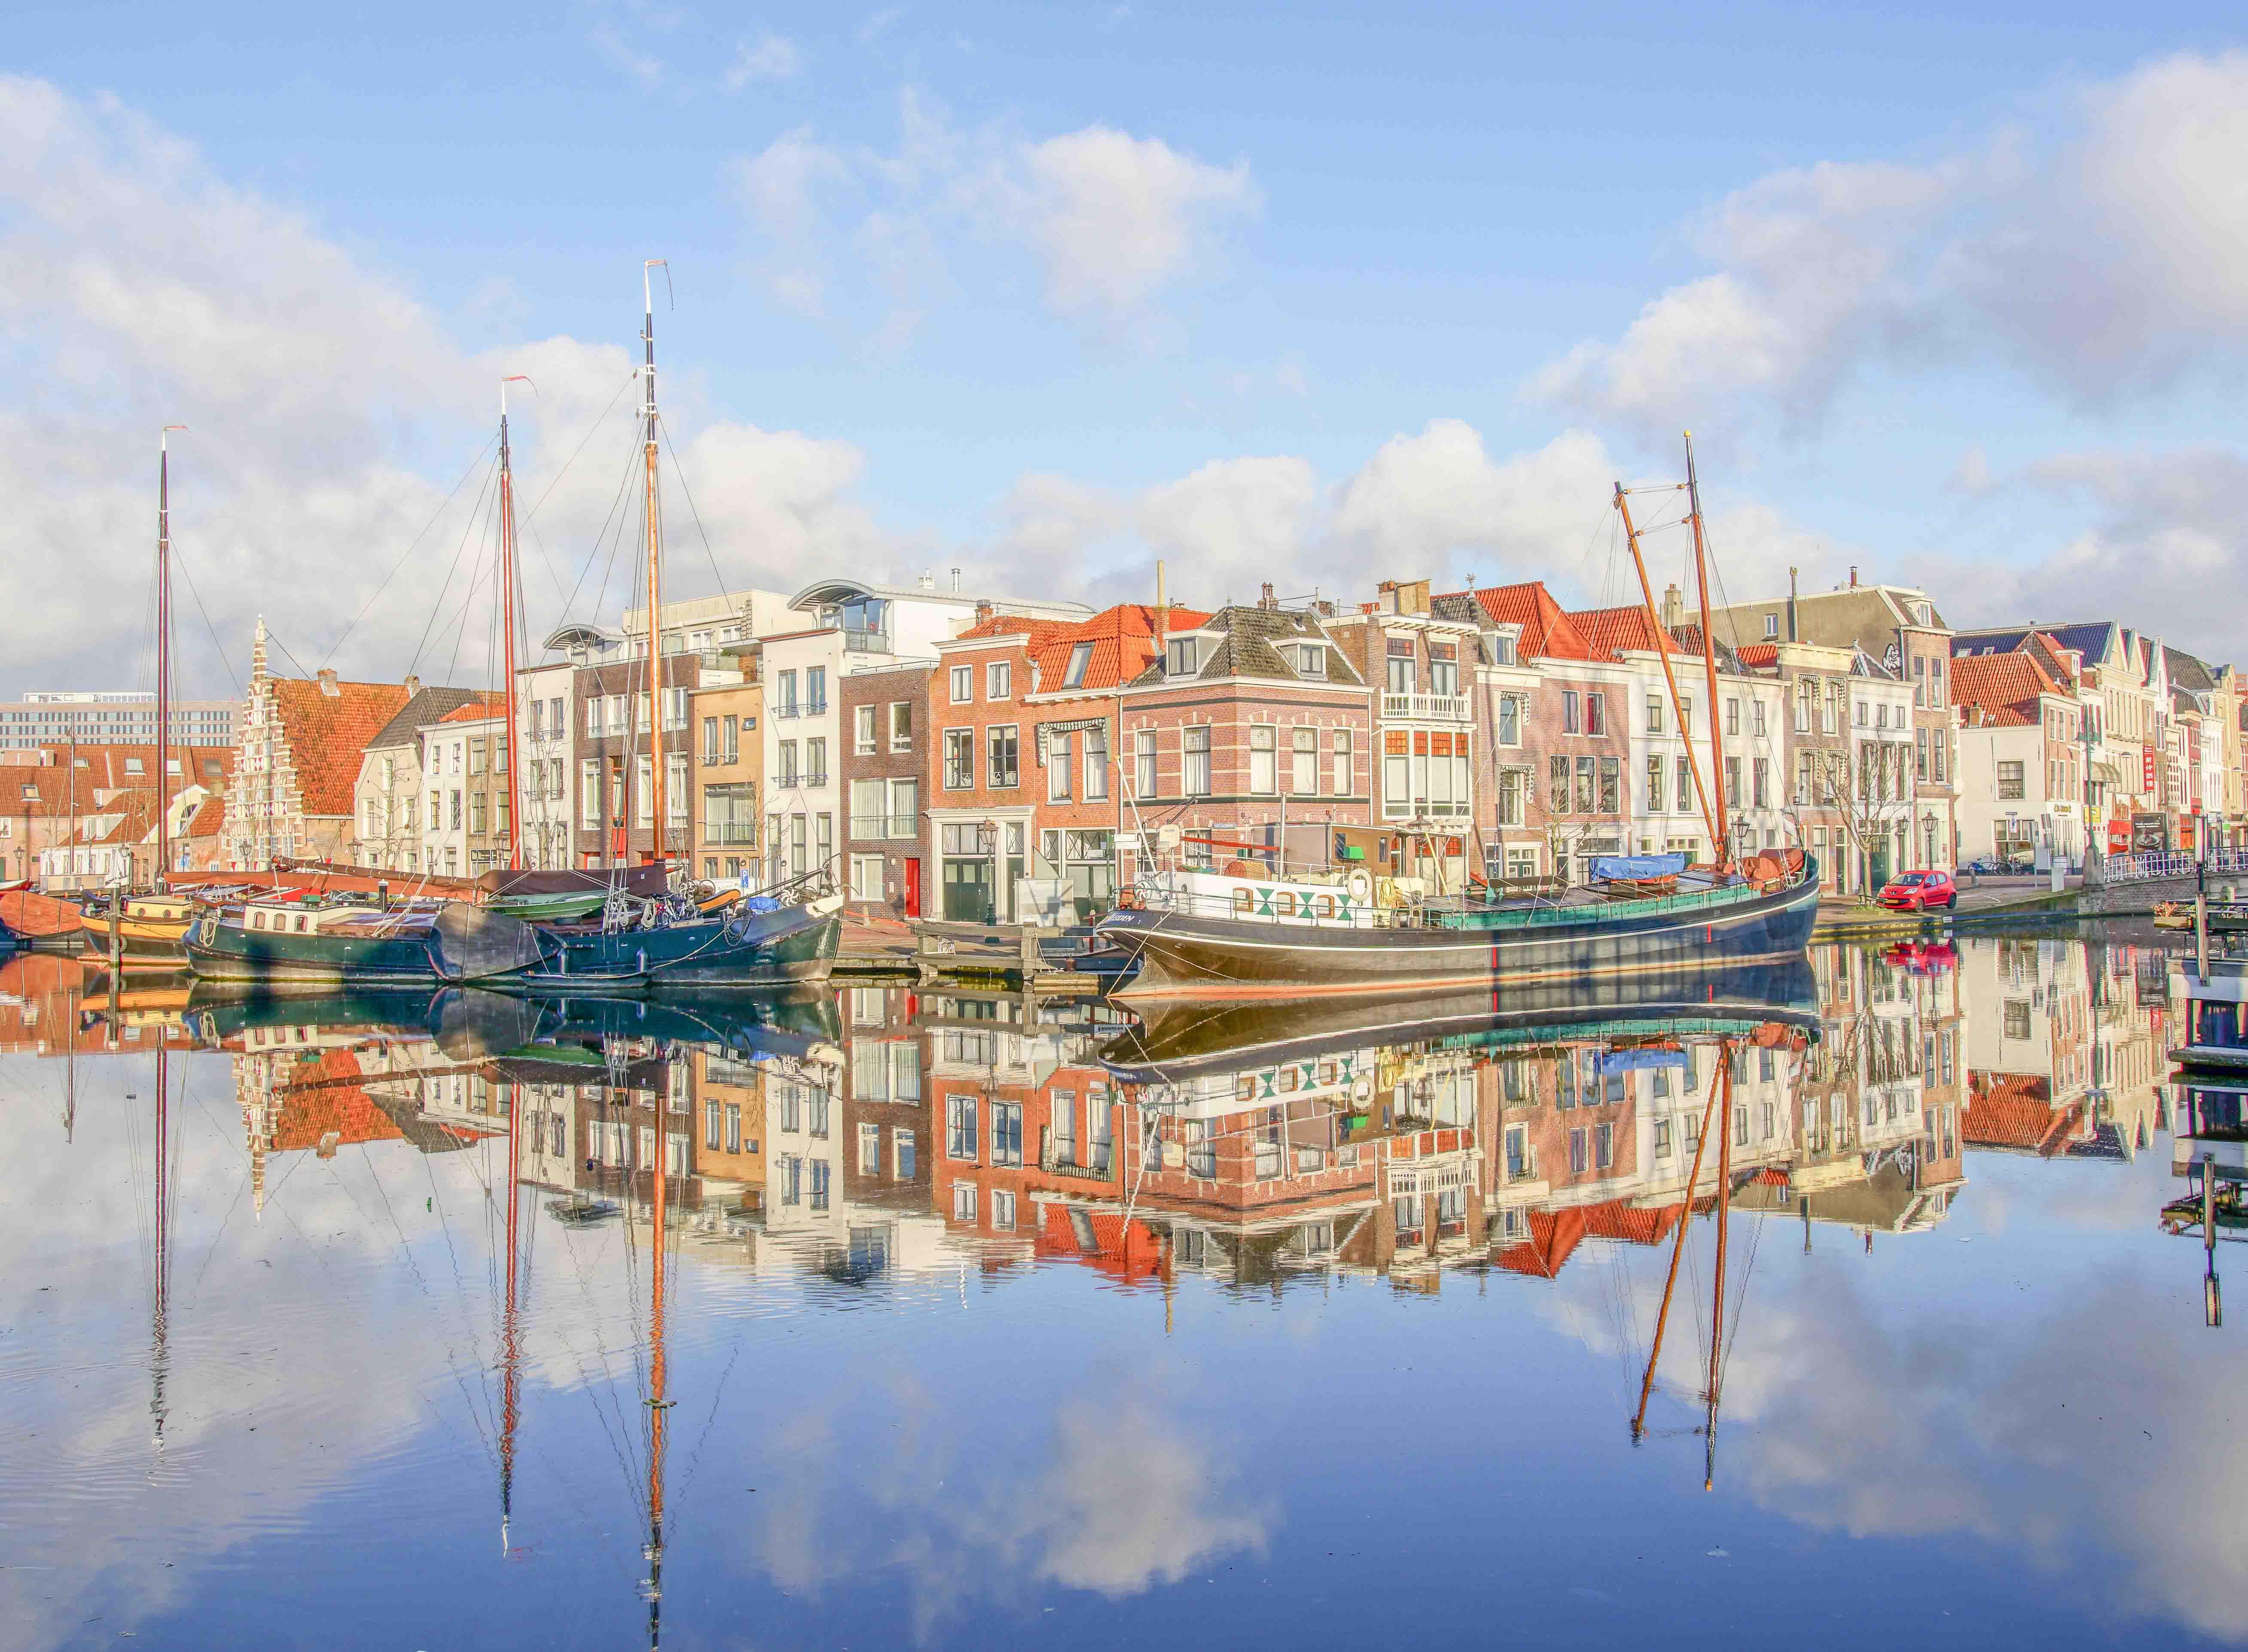 Zicht op de Woningmarkt - De landelijke woningmarktcijfers over het derde kwartaal van 2018